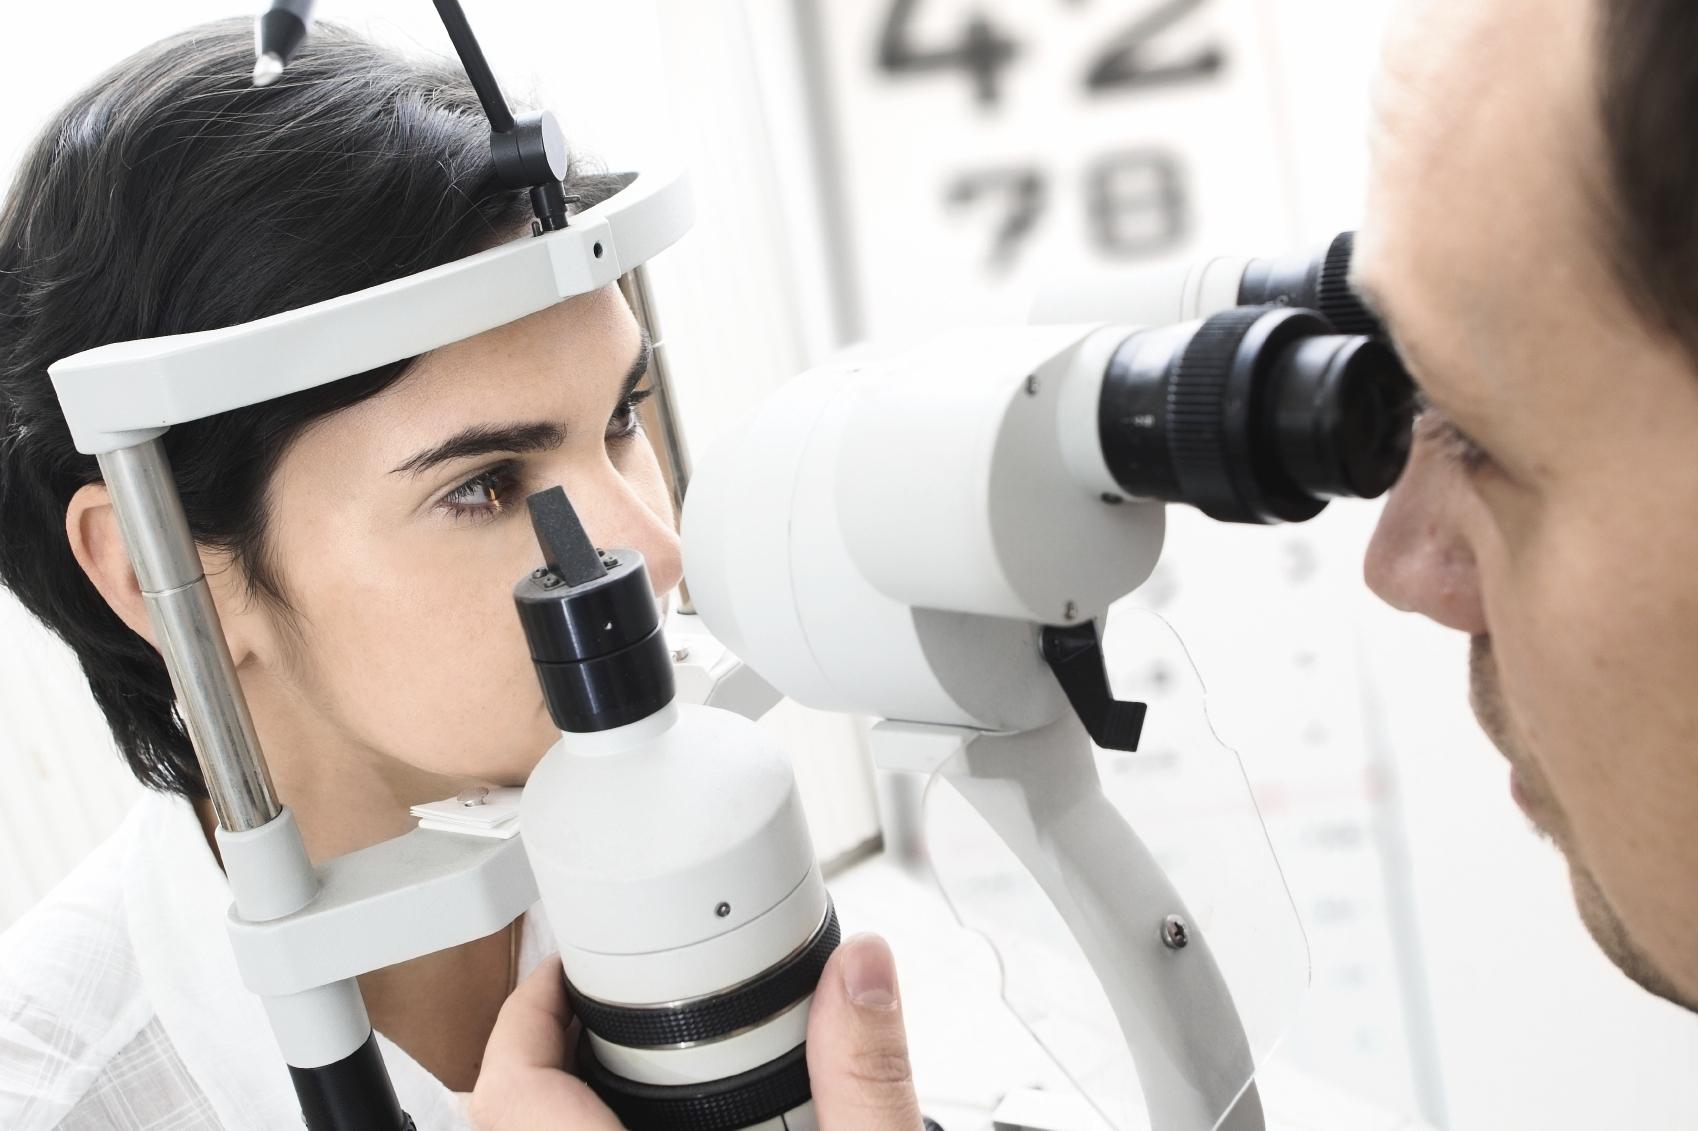 Glokom (Göz Tansiyonu) Belirtileri ve Tedavisi Nedir?